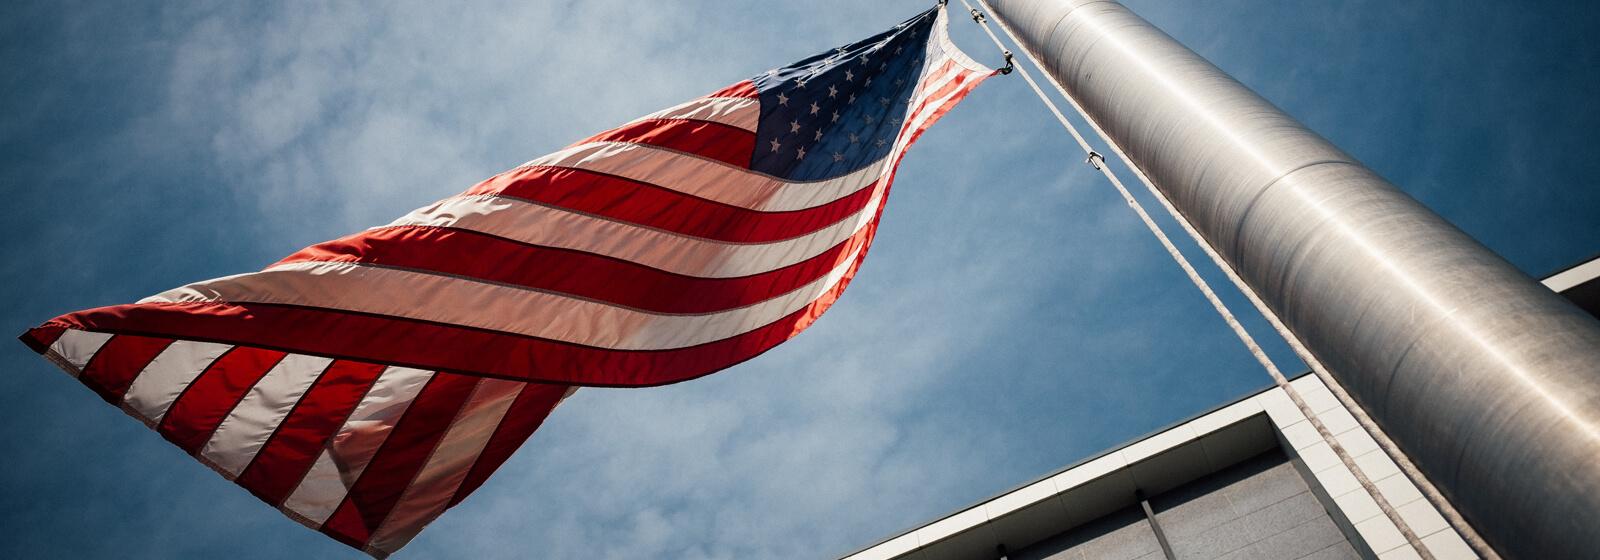 Flag image slide